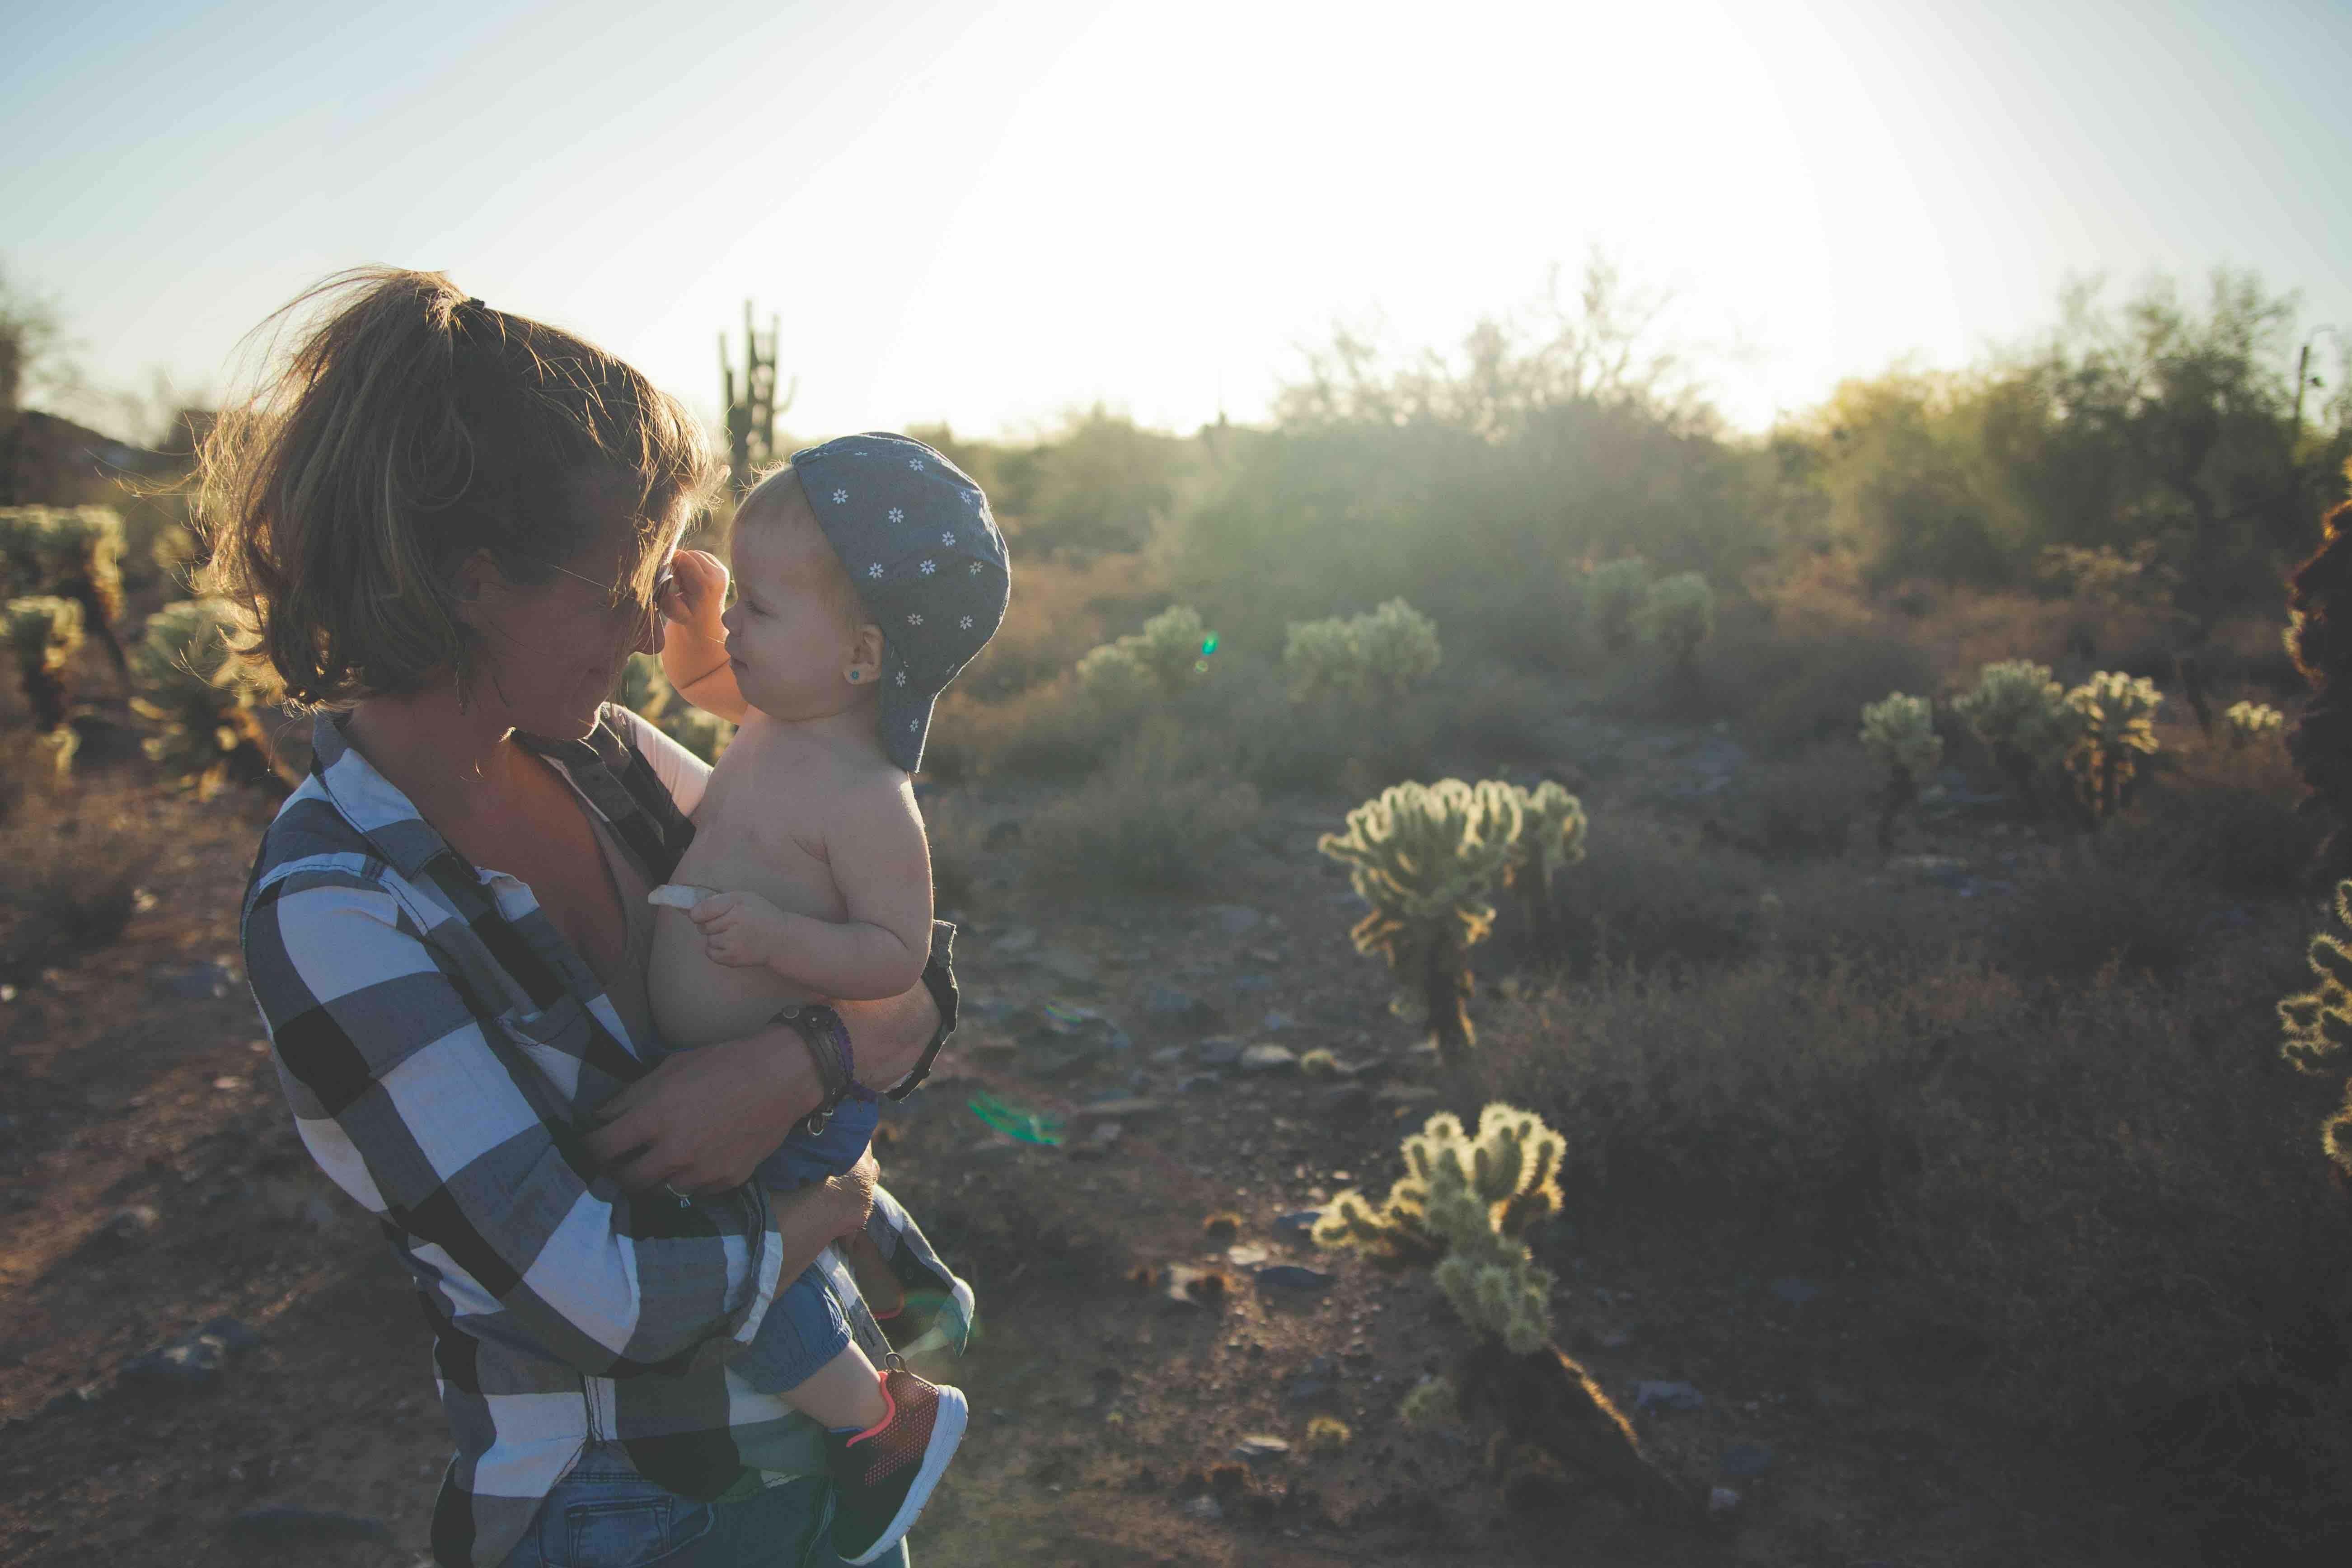 ハーフの子供は外国人顏?ハーフの子供と赤ちゃんがかわいすぎる!